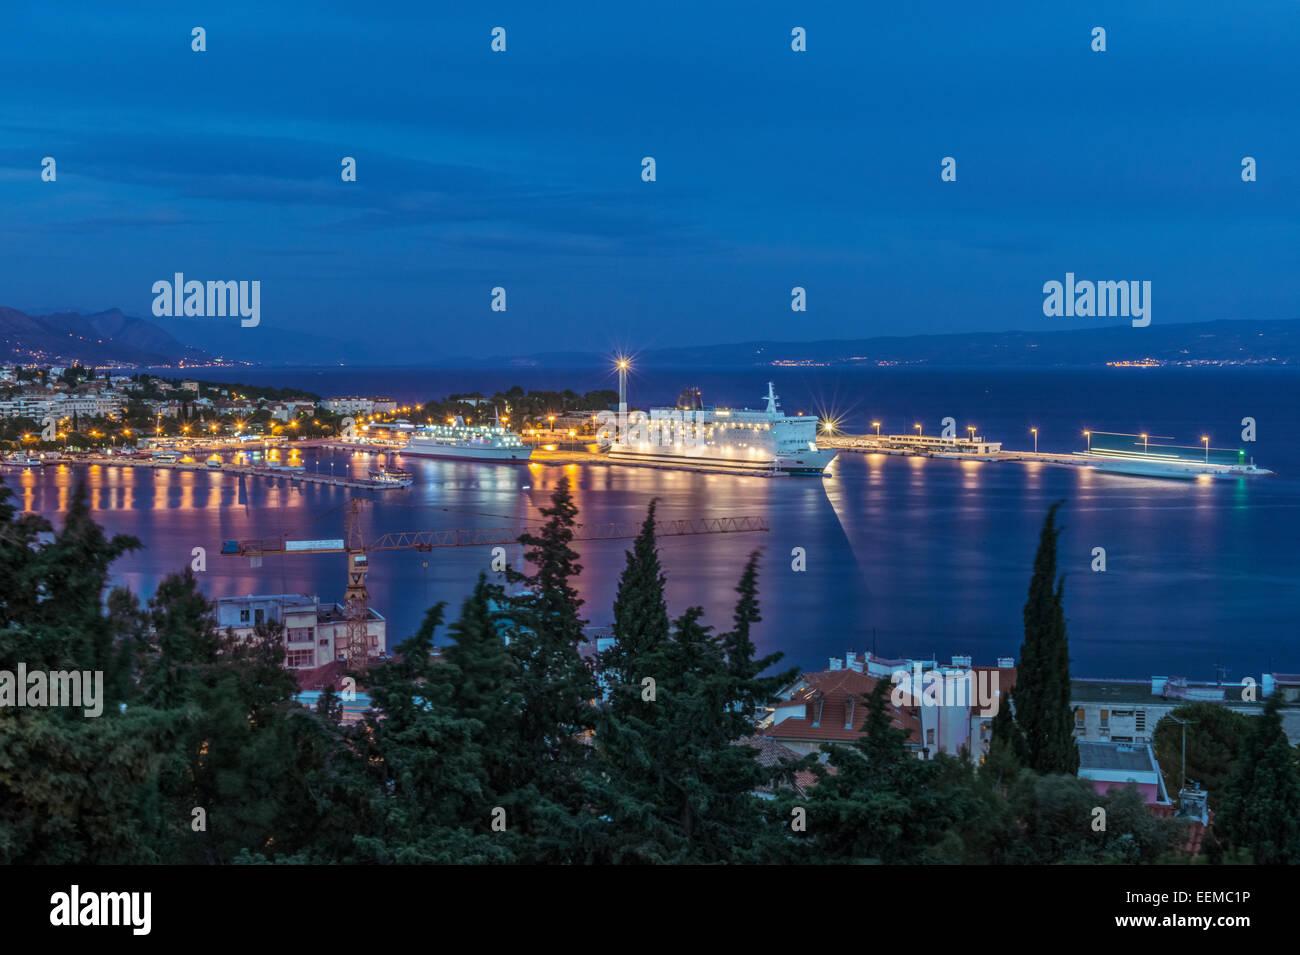 Luftaufnahme des beleuchteten Dock und Stadtbild von Küstenstadt, Split, Split, Kroatien Stockbild